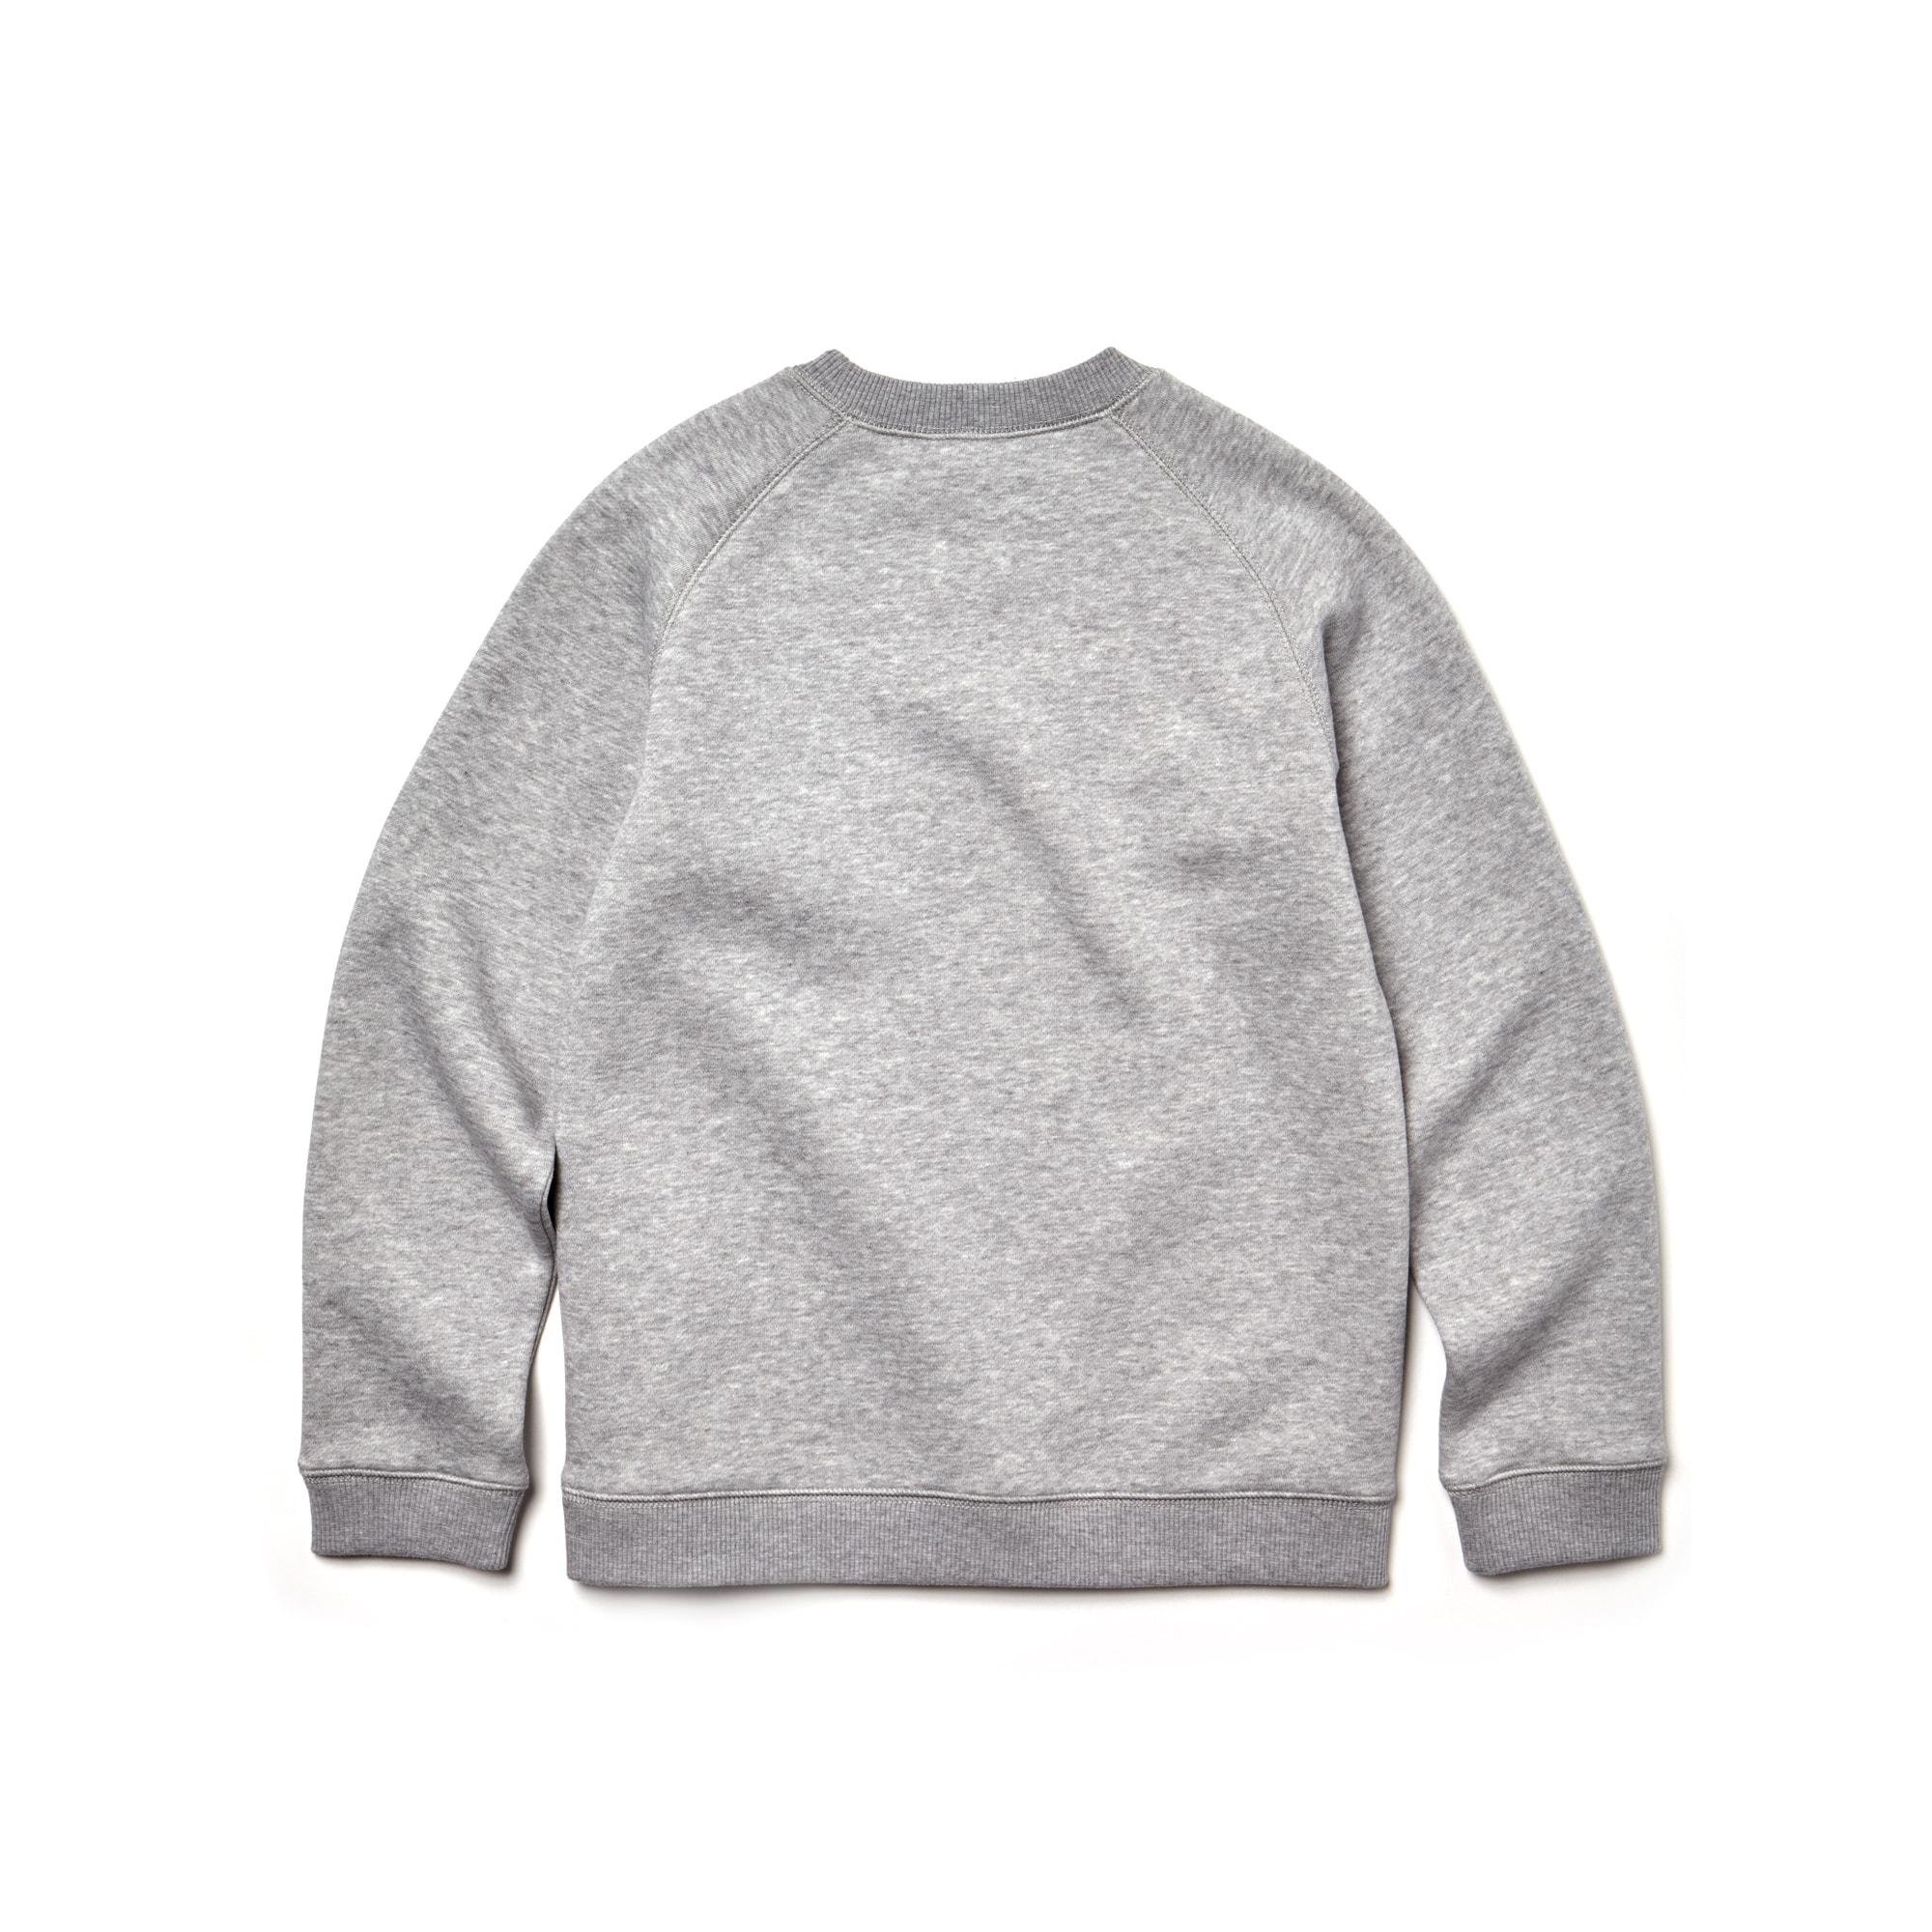 Jungen Rundhals-Sweatshirt aus Fleece mit Aufdruck   LACOSTE 183722b4e4fa